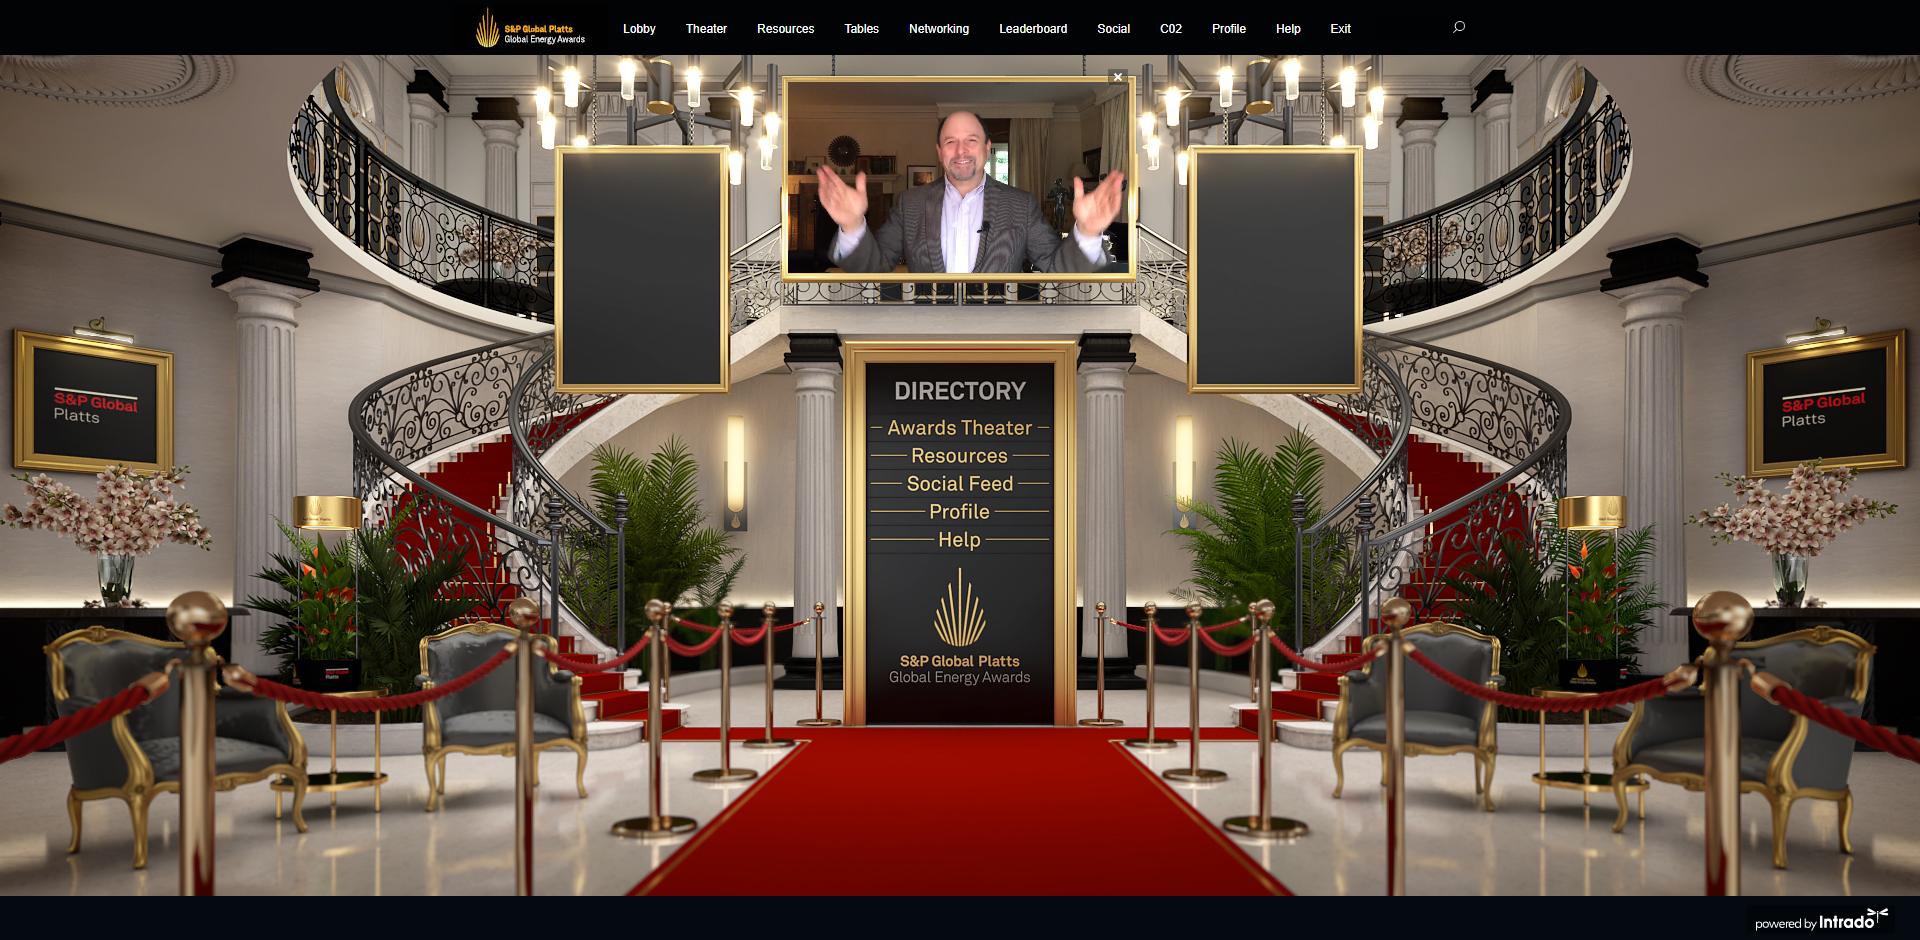 Platts Awards Lobby